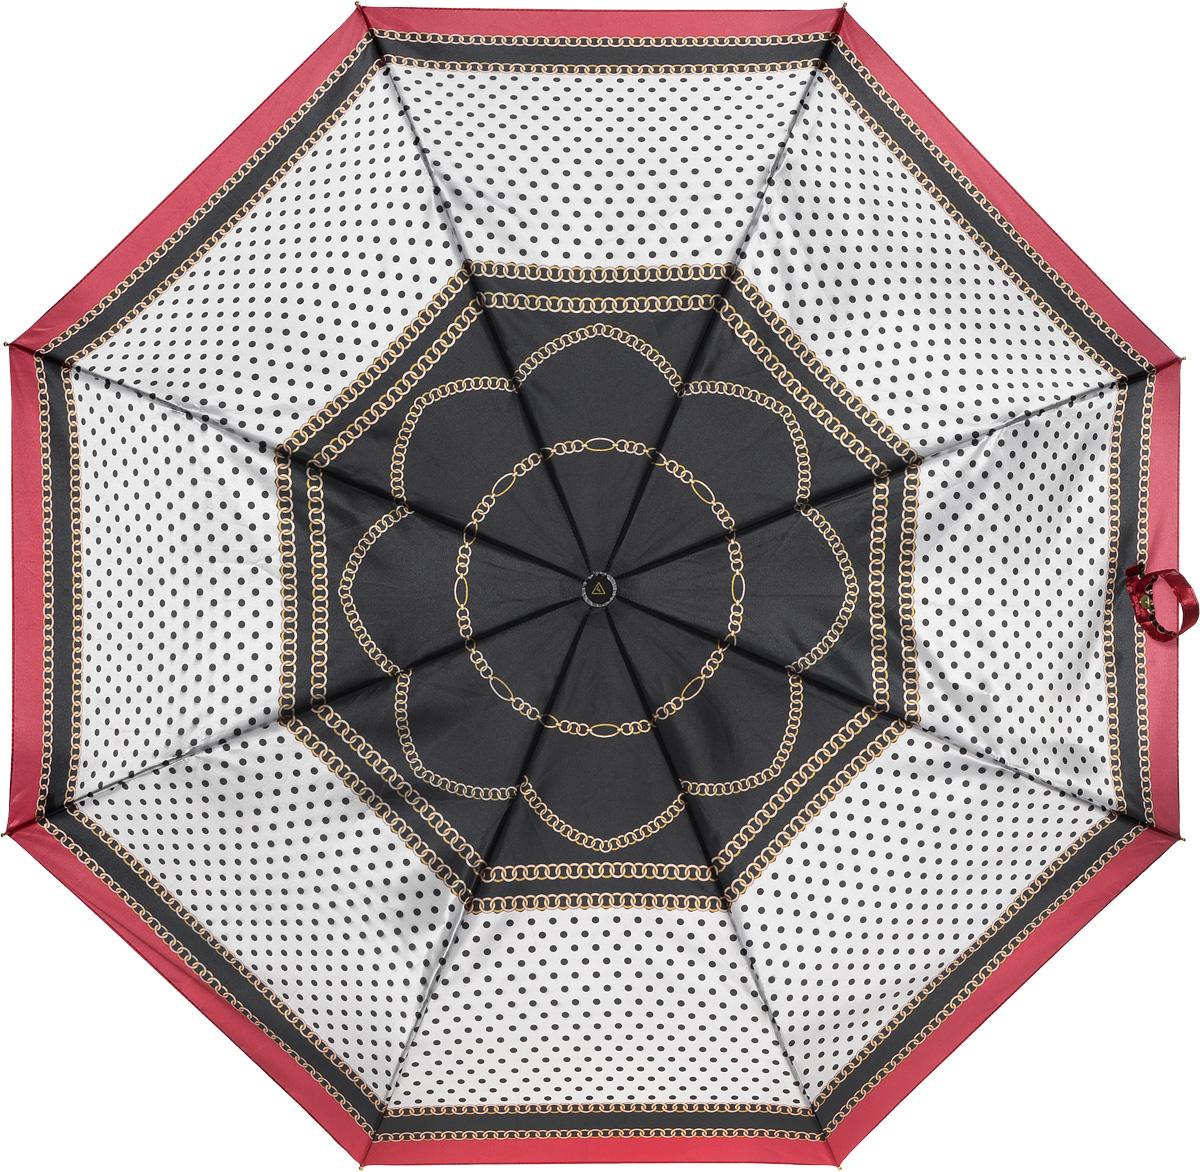 Зонт женский Fabretti, полный автомат, 3 сложения, цвет: мультиколор. S-16103-8S-16103-8Зонт женский Fabretti, суперавтомат, 3 сложения, сатин